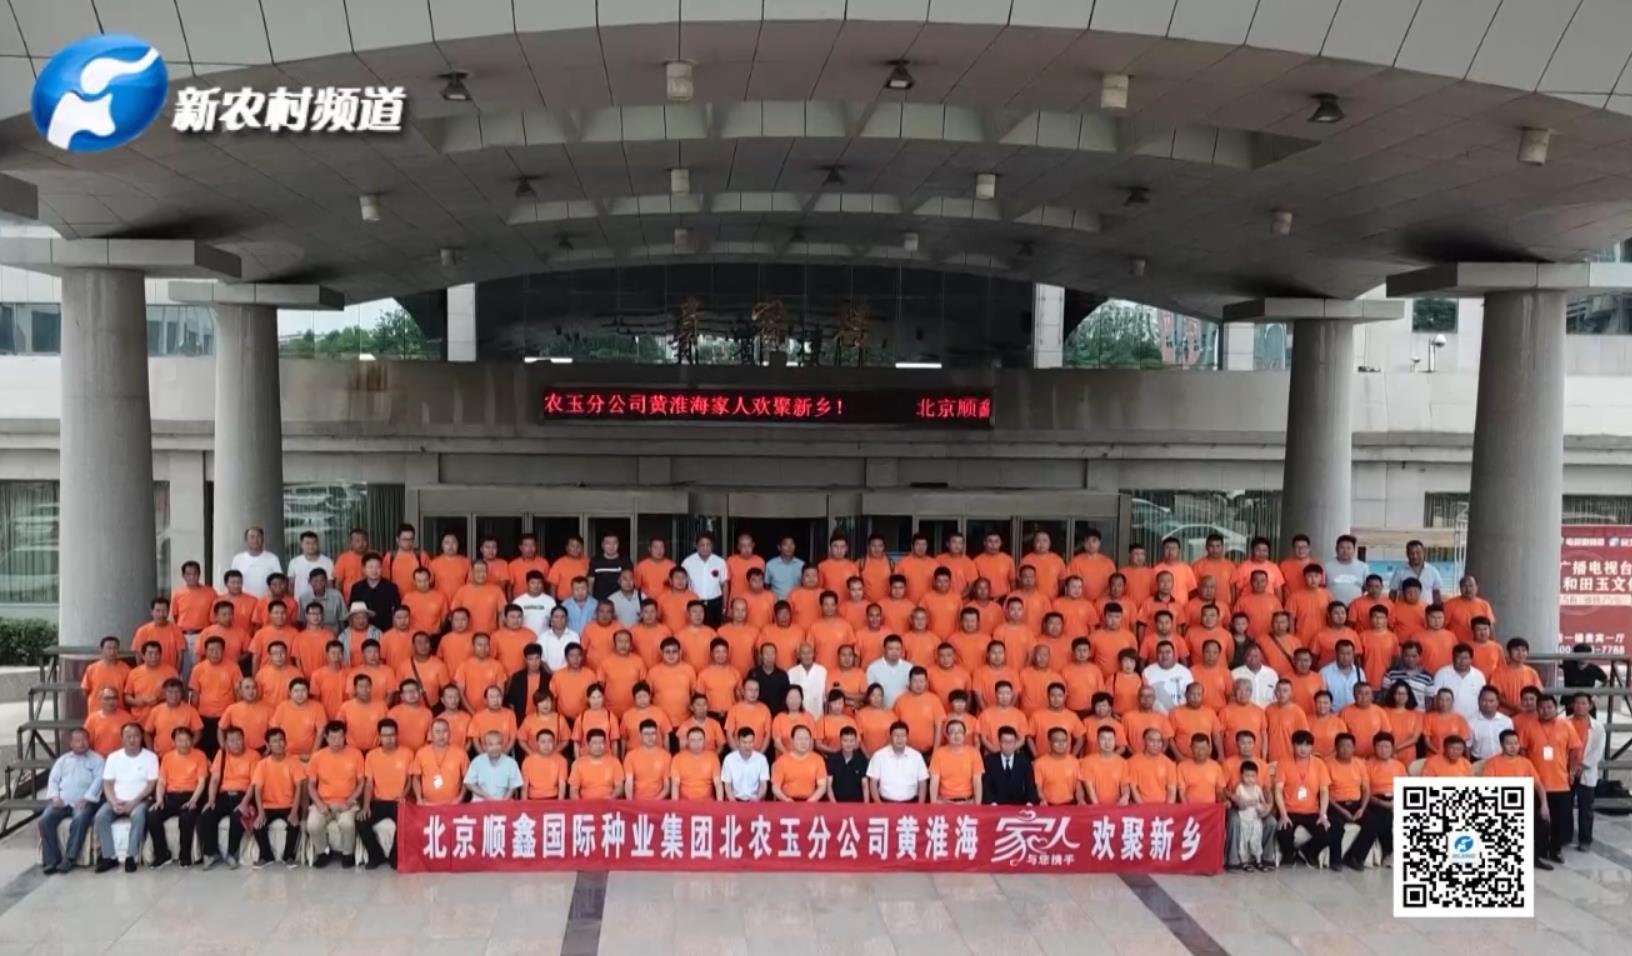 心启航 新征程 鑫时代,北农玉黄淮展风采!